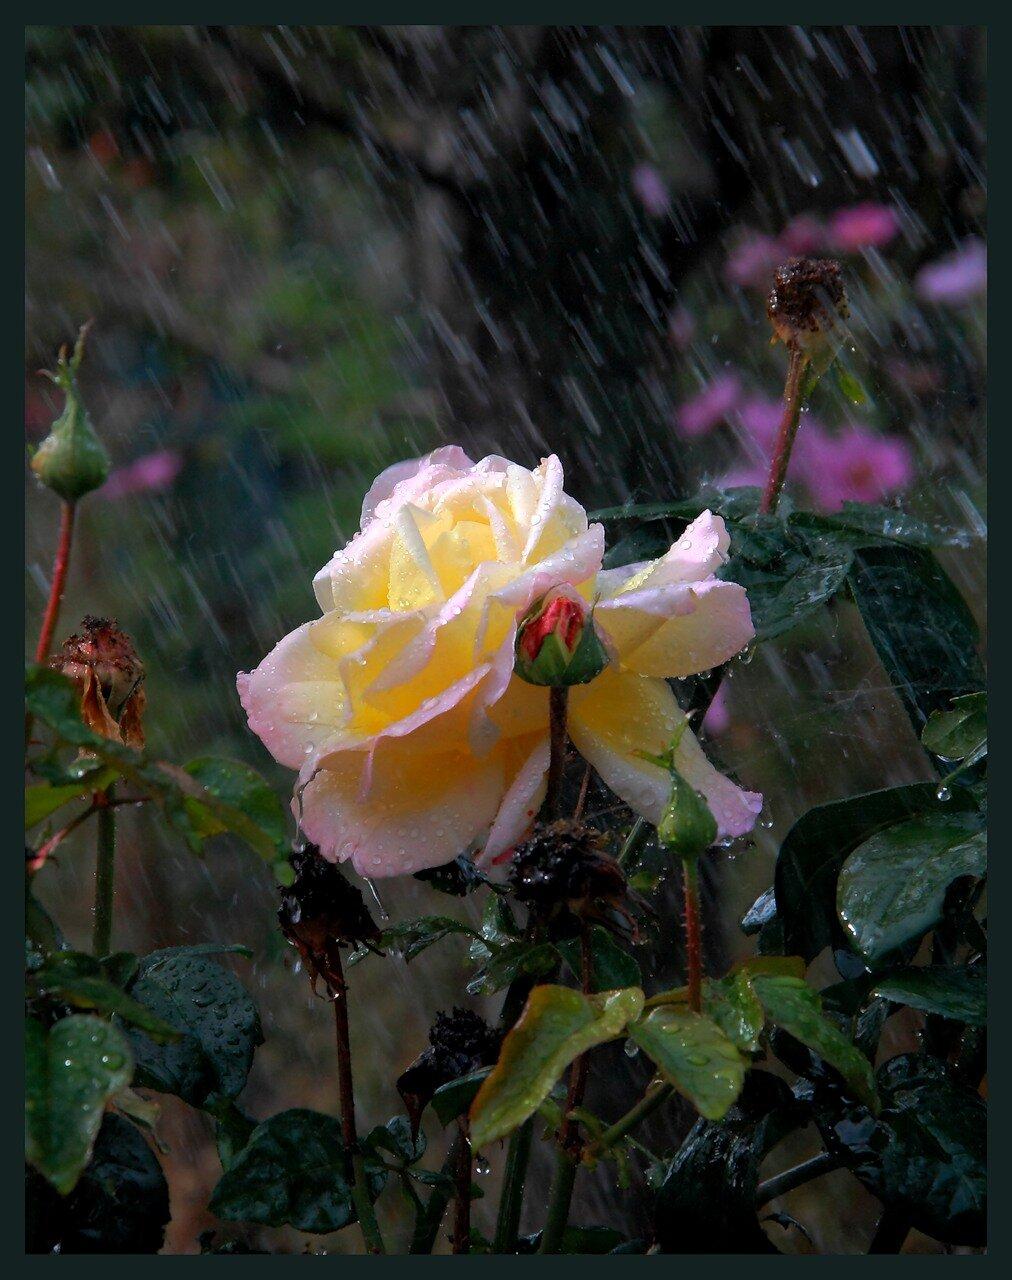 ...каждая погода благодать...